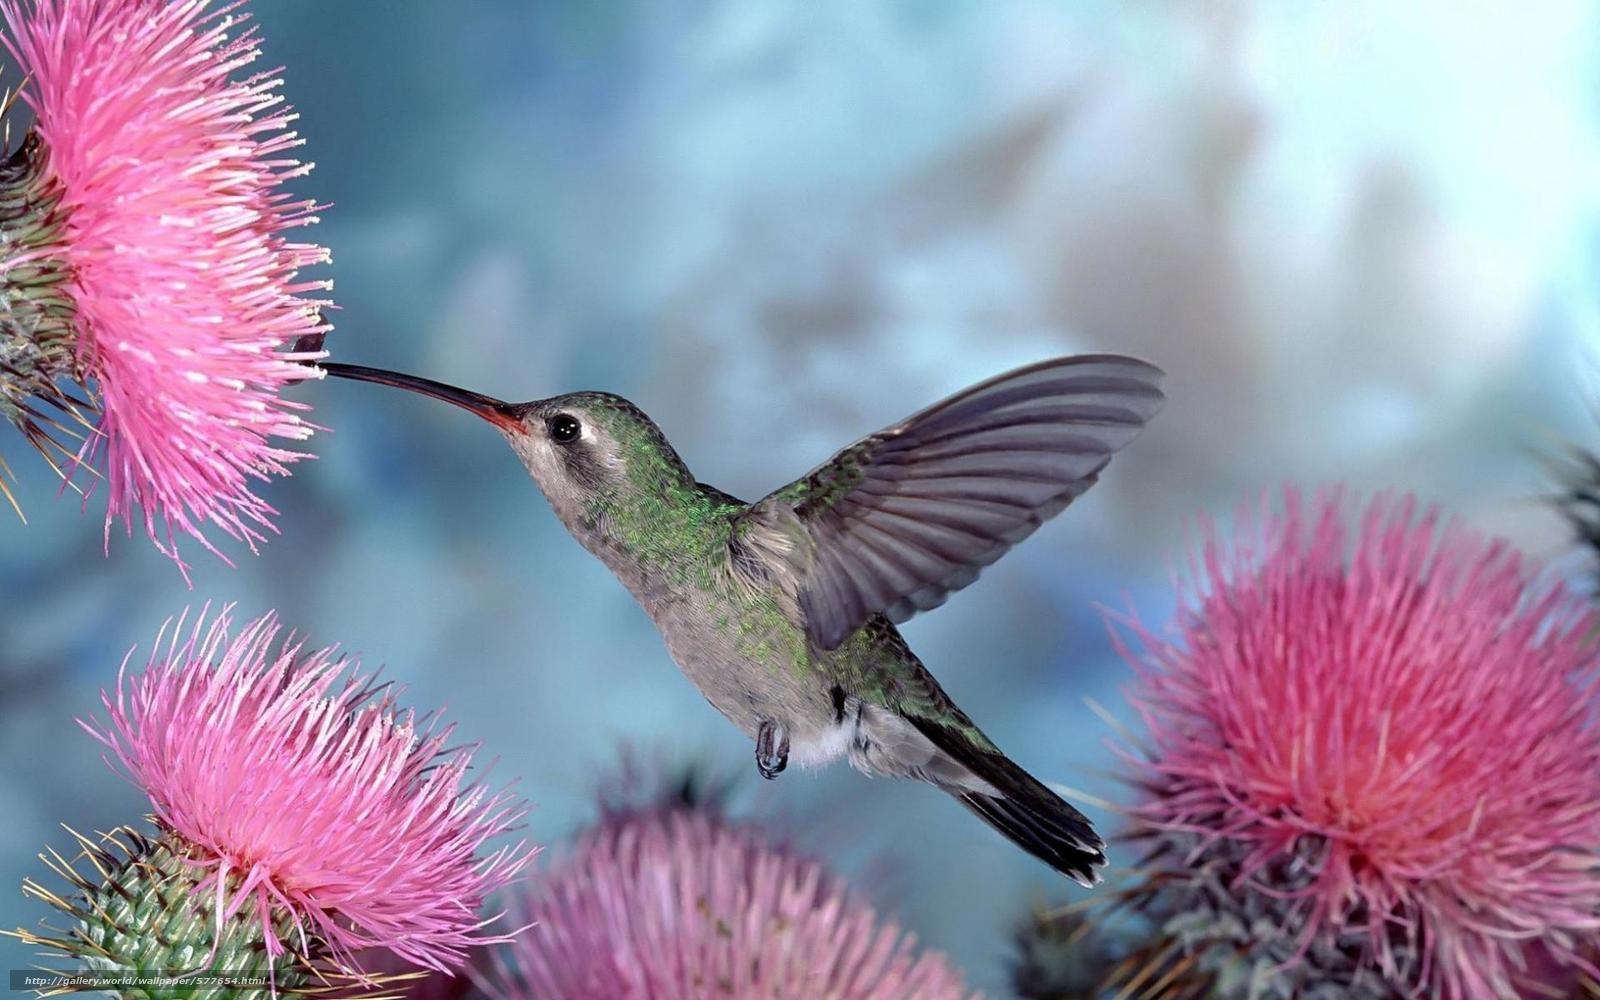 Скачать обои колибри,  птичка,  птицы,  цветы бесплатно для рабочего стола в разрешении 1920x1200 — картинка №577654